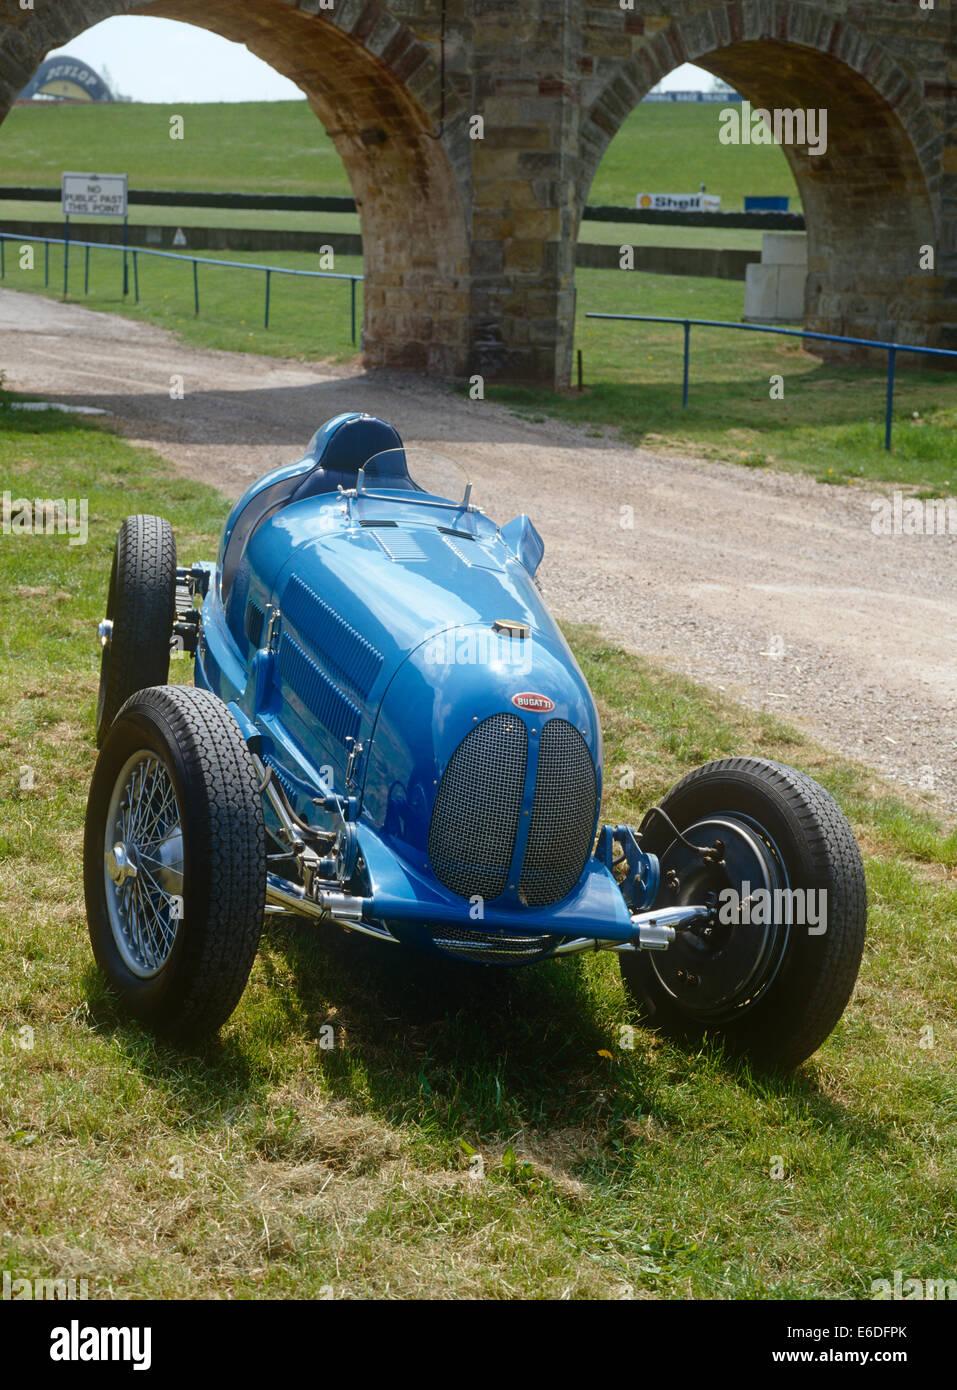 A blue 1947 Bugatti classic - Stock Image